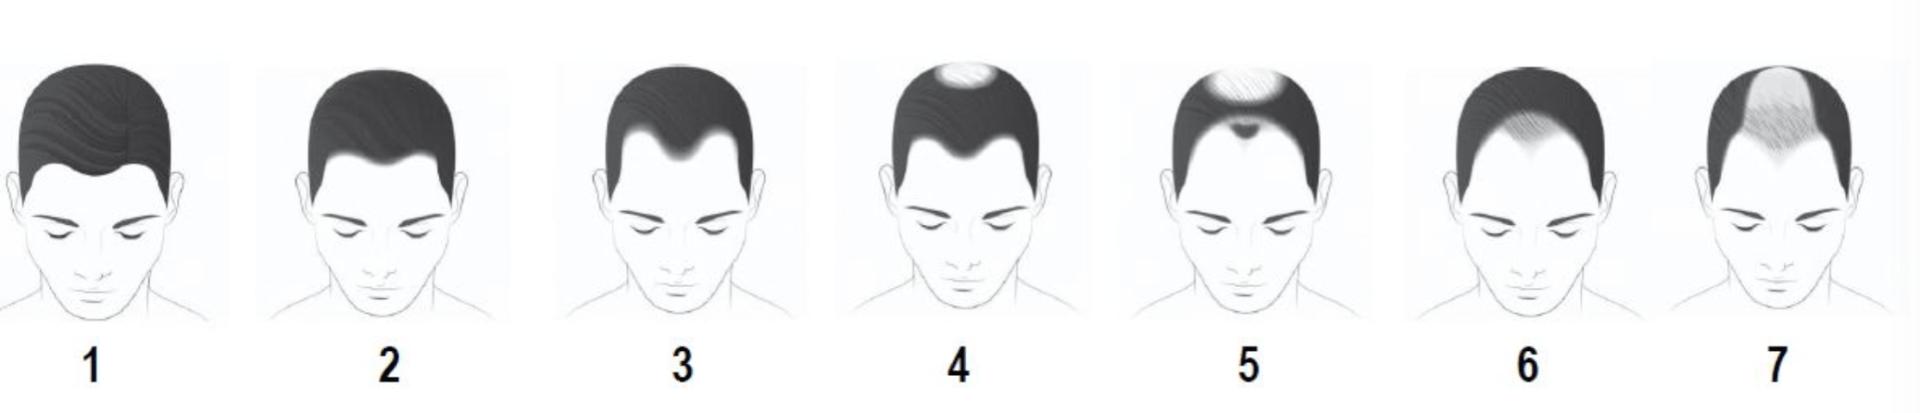 Schritte beim Haarausfall